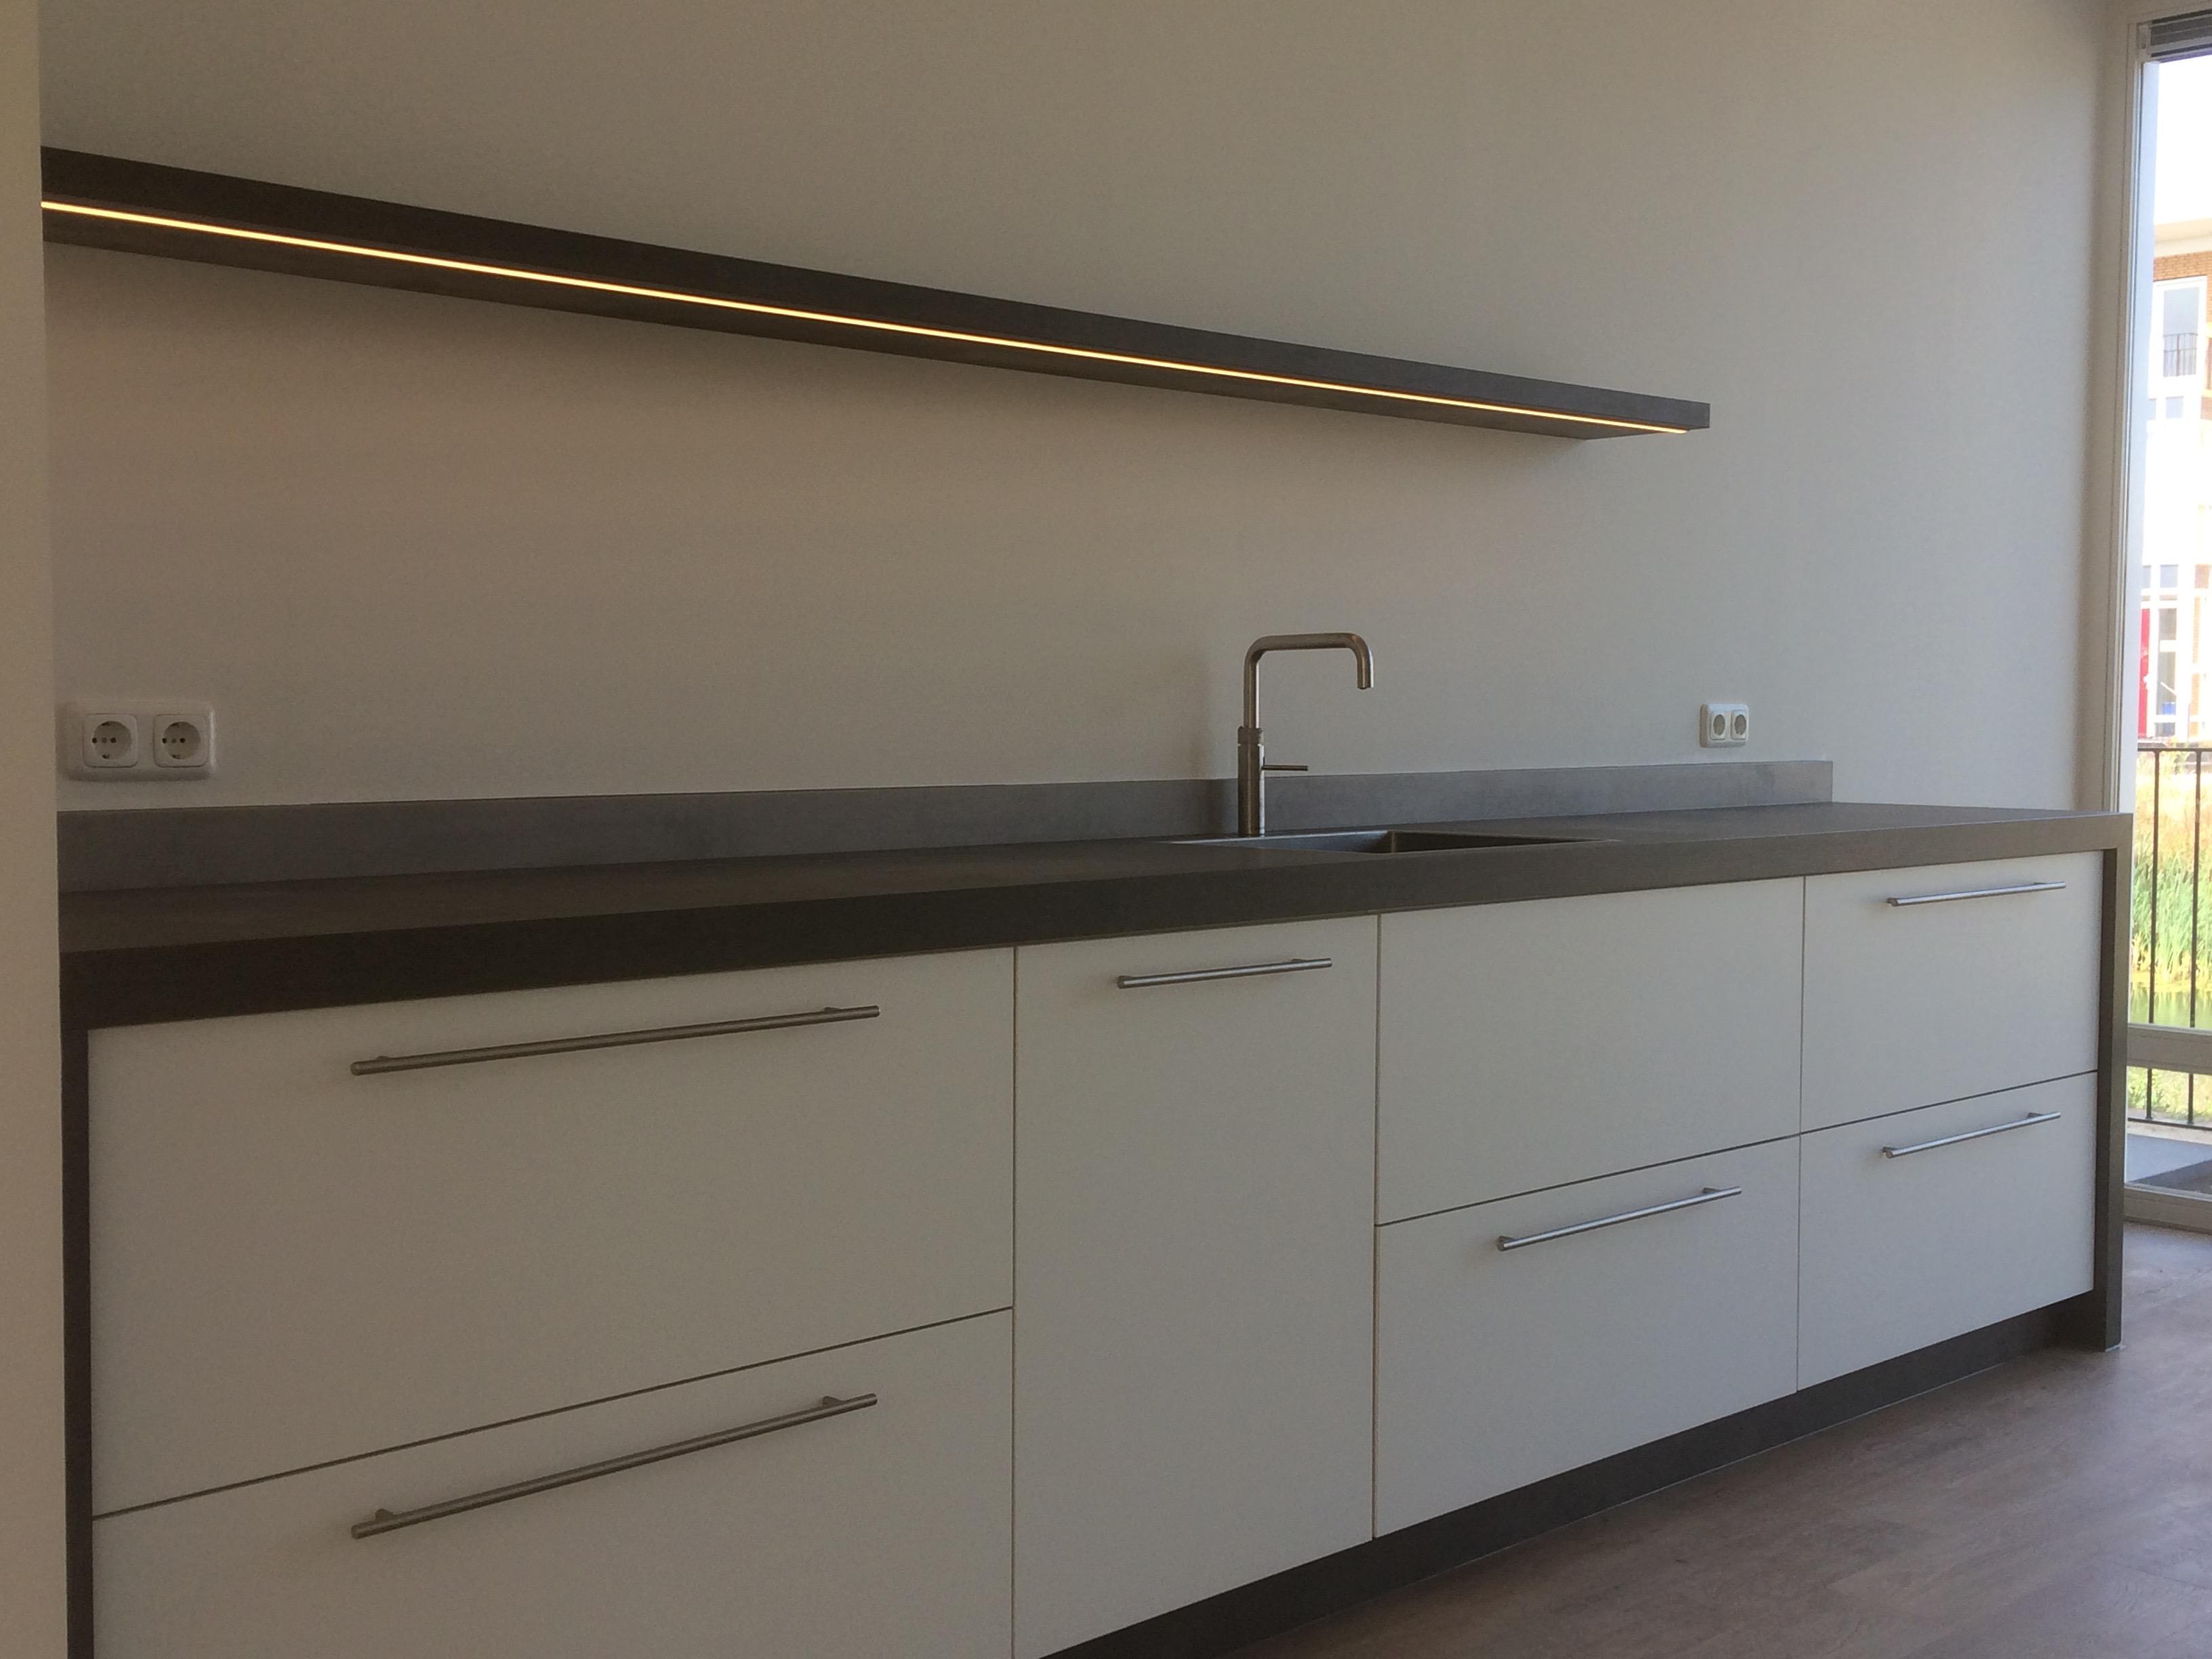 keuken-plateau-voorzien-van-ingefreesde-led-verlichting